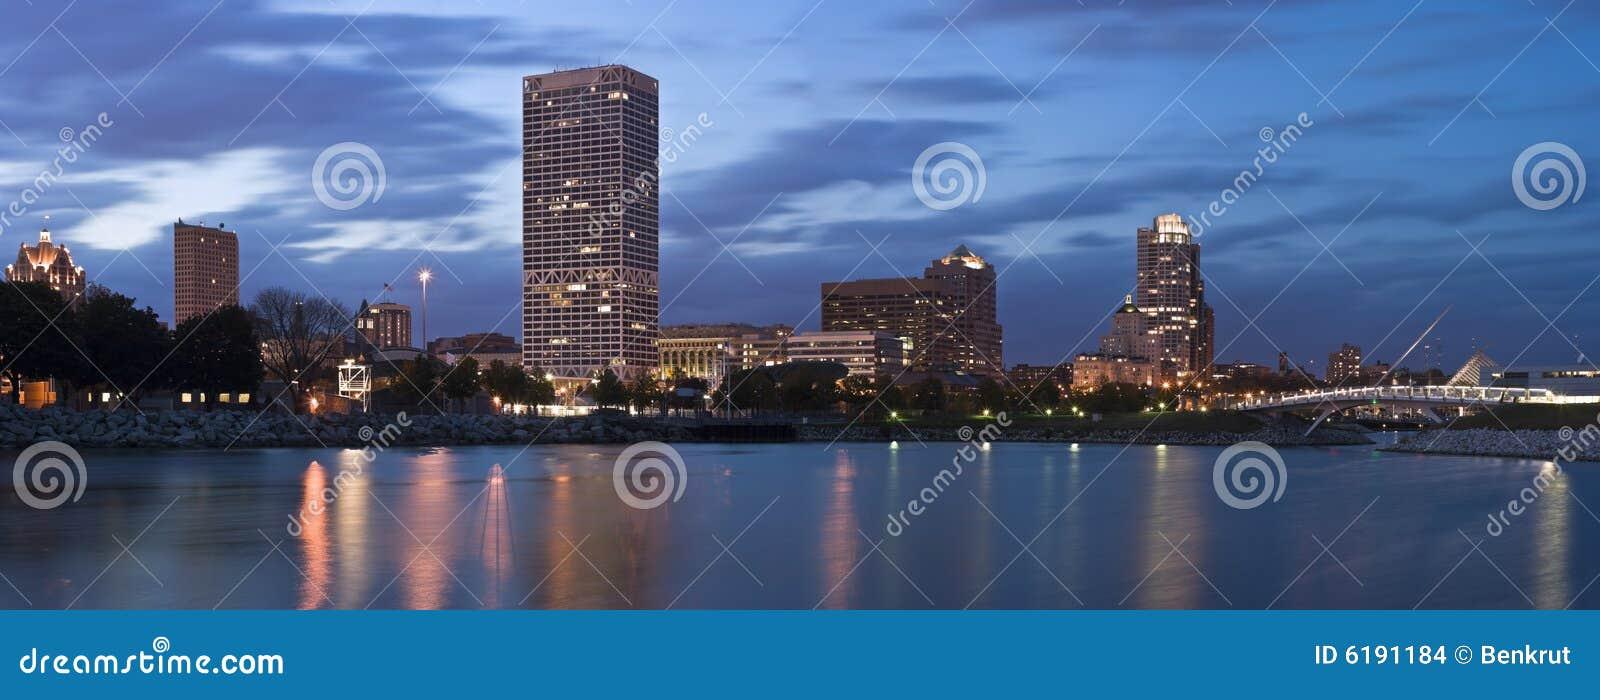 Panorama of Milwaukee - XXXL